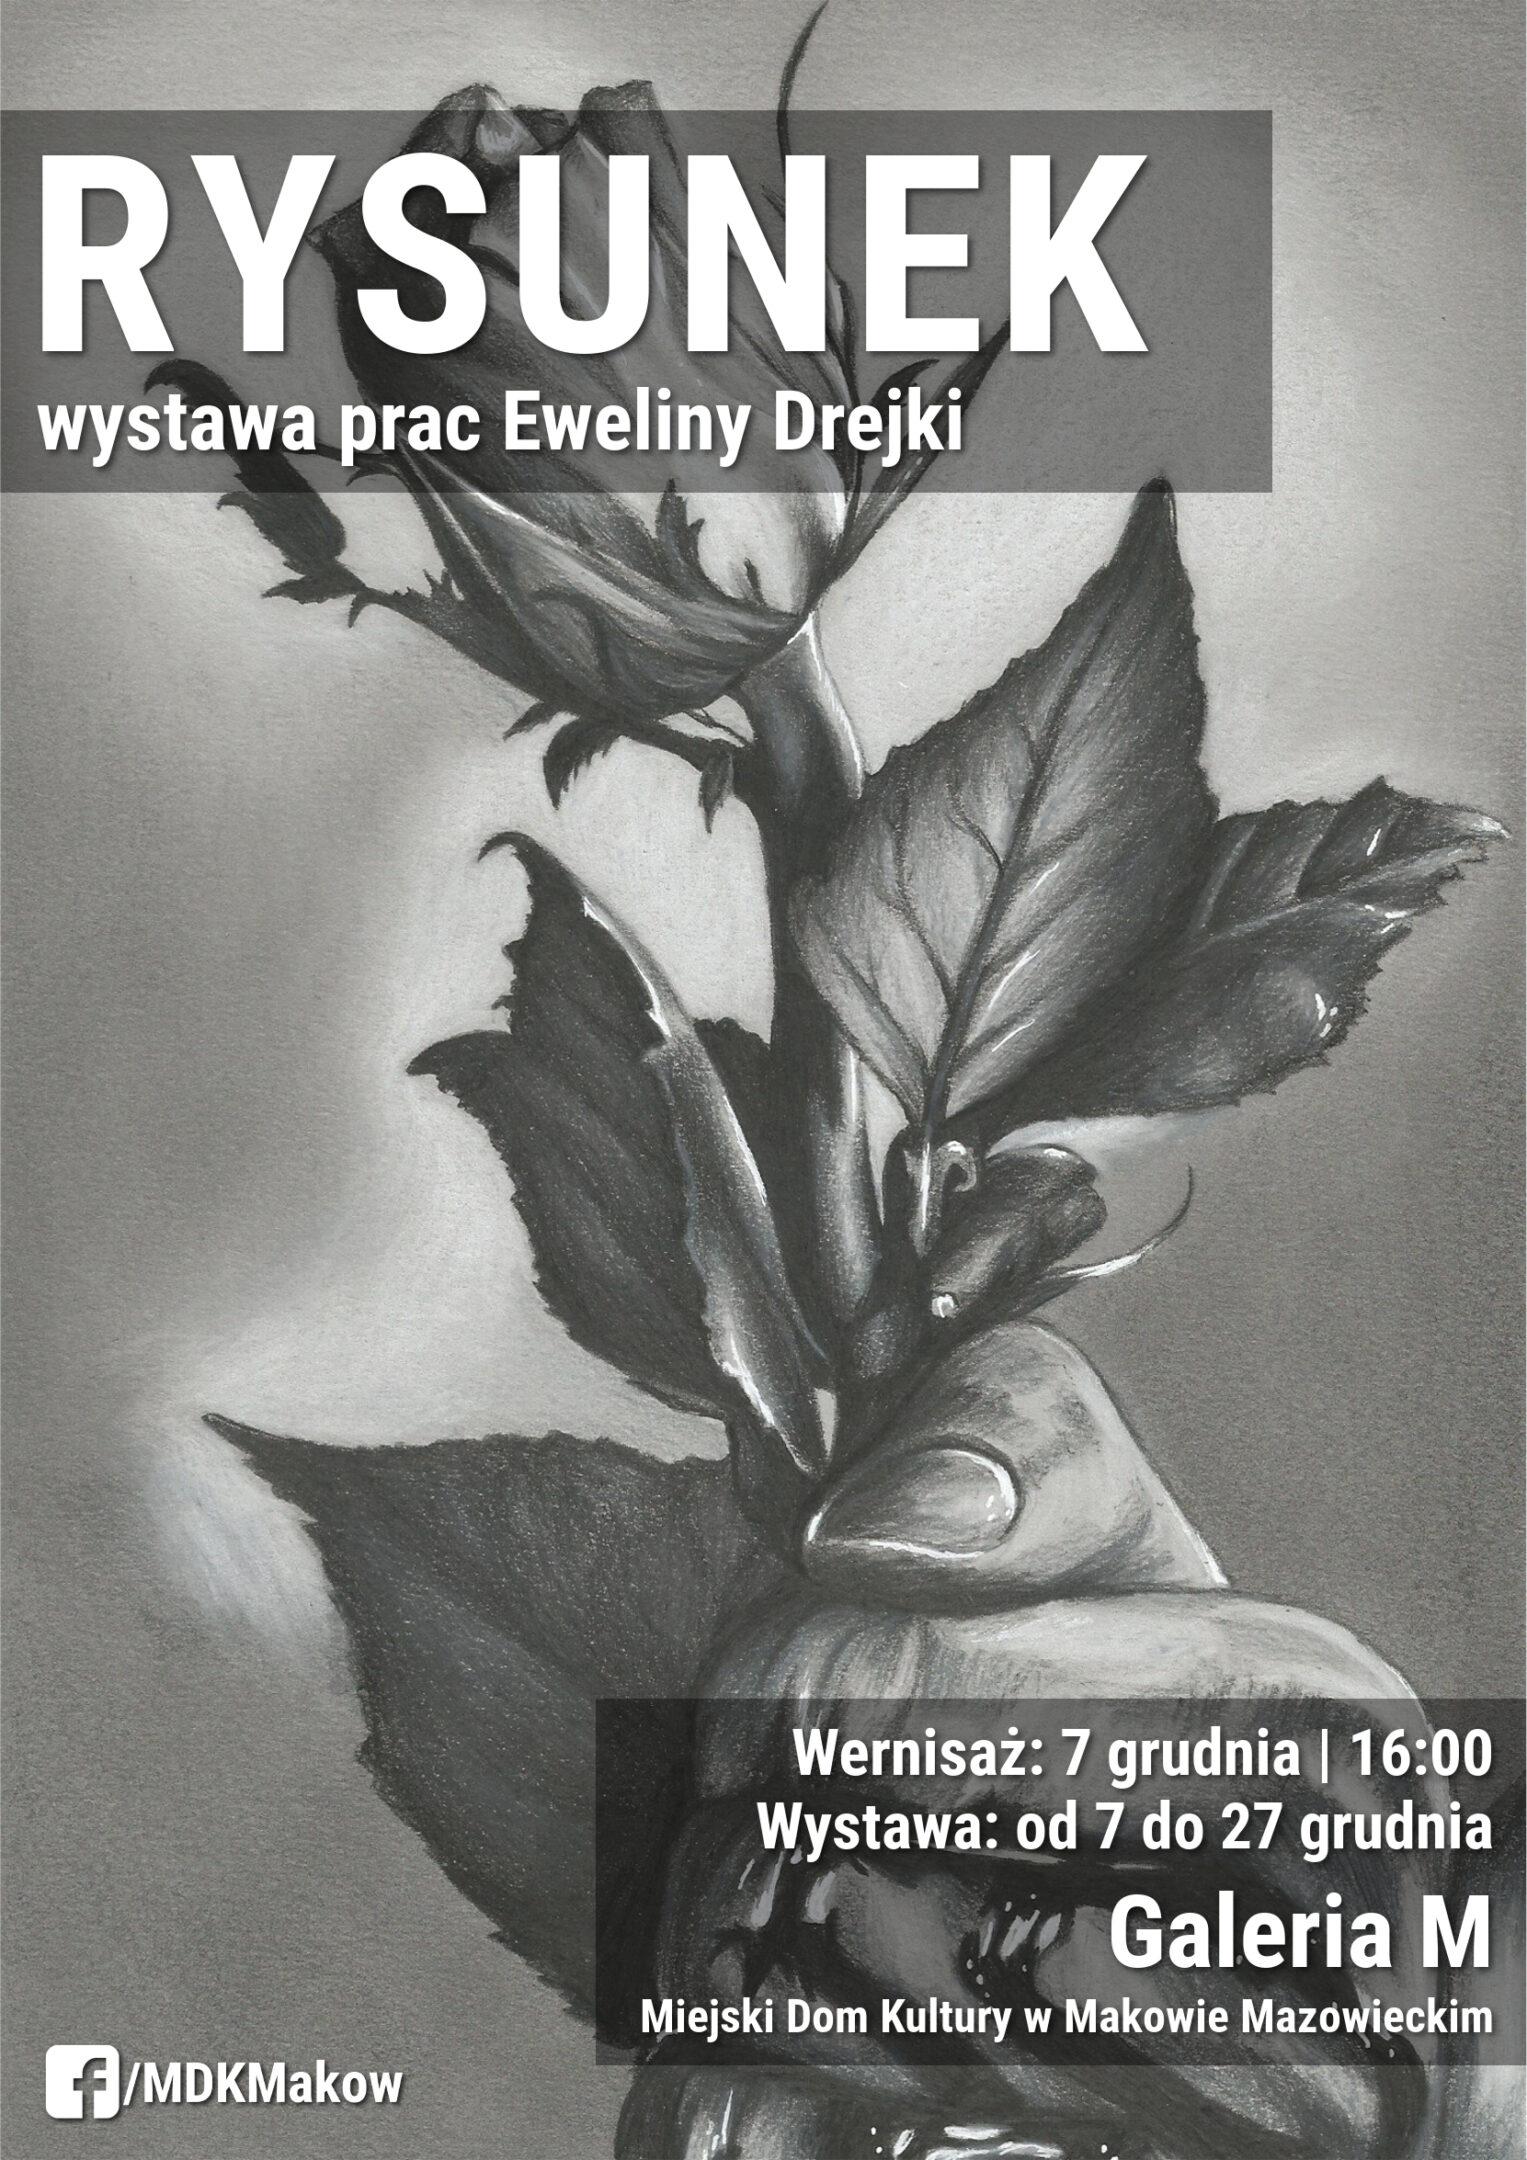 Plakat. Na szarym tle znaduje się dłoń trzrzymająca róże. U gury umieszczony jest napis Rysunek wystawa prac Eweliny Drejki. Wernisaż 7 grudnia godzina 16:00. Wystawa od 7 do 27 grudnia